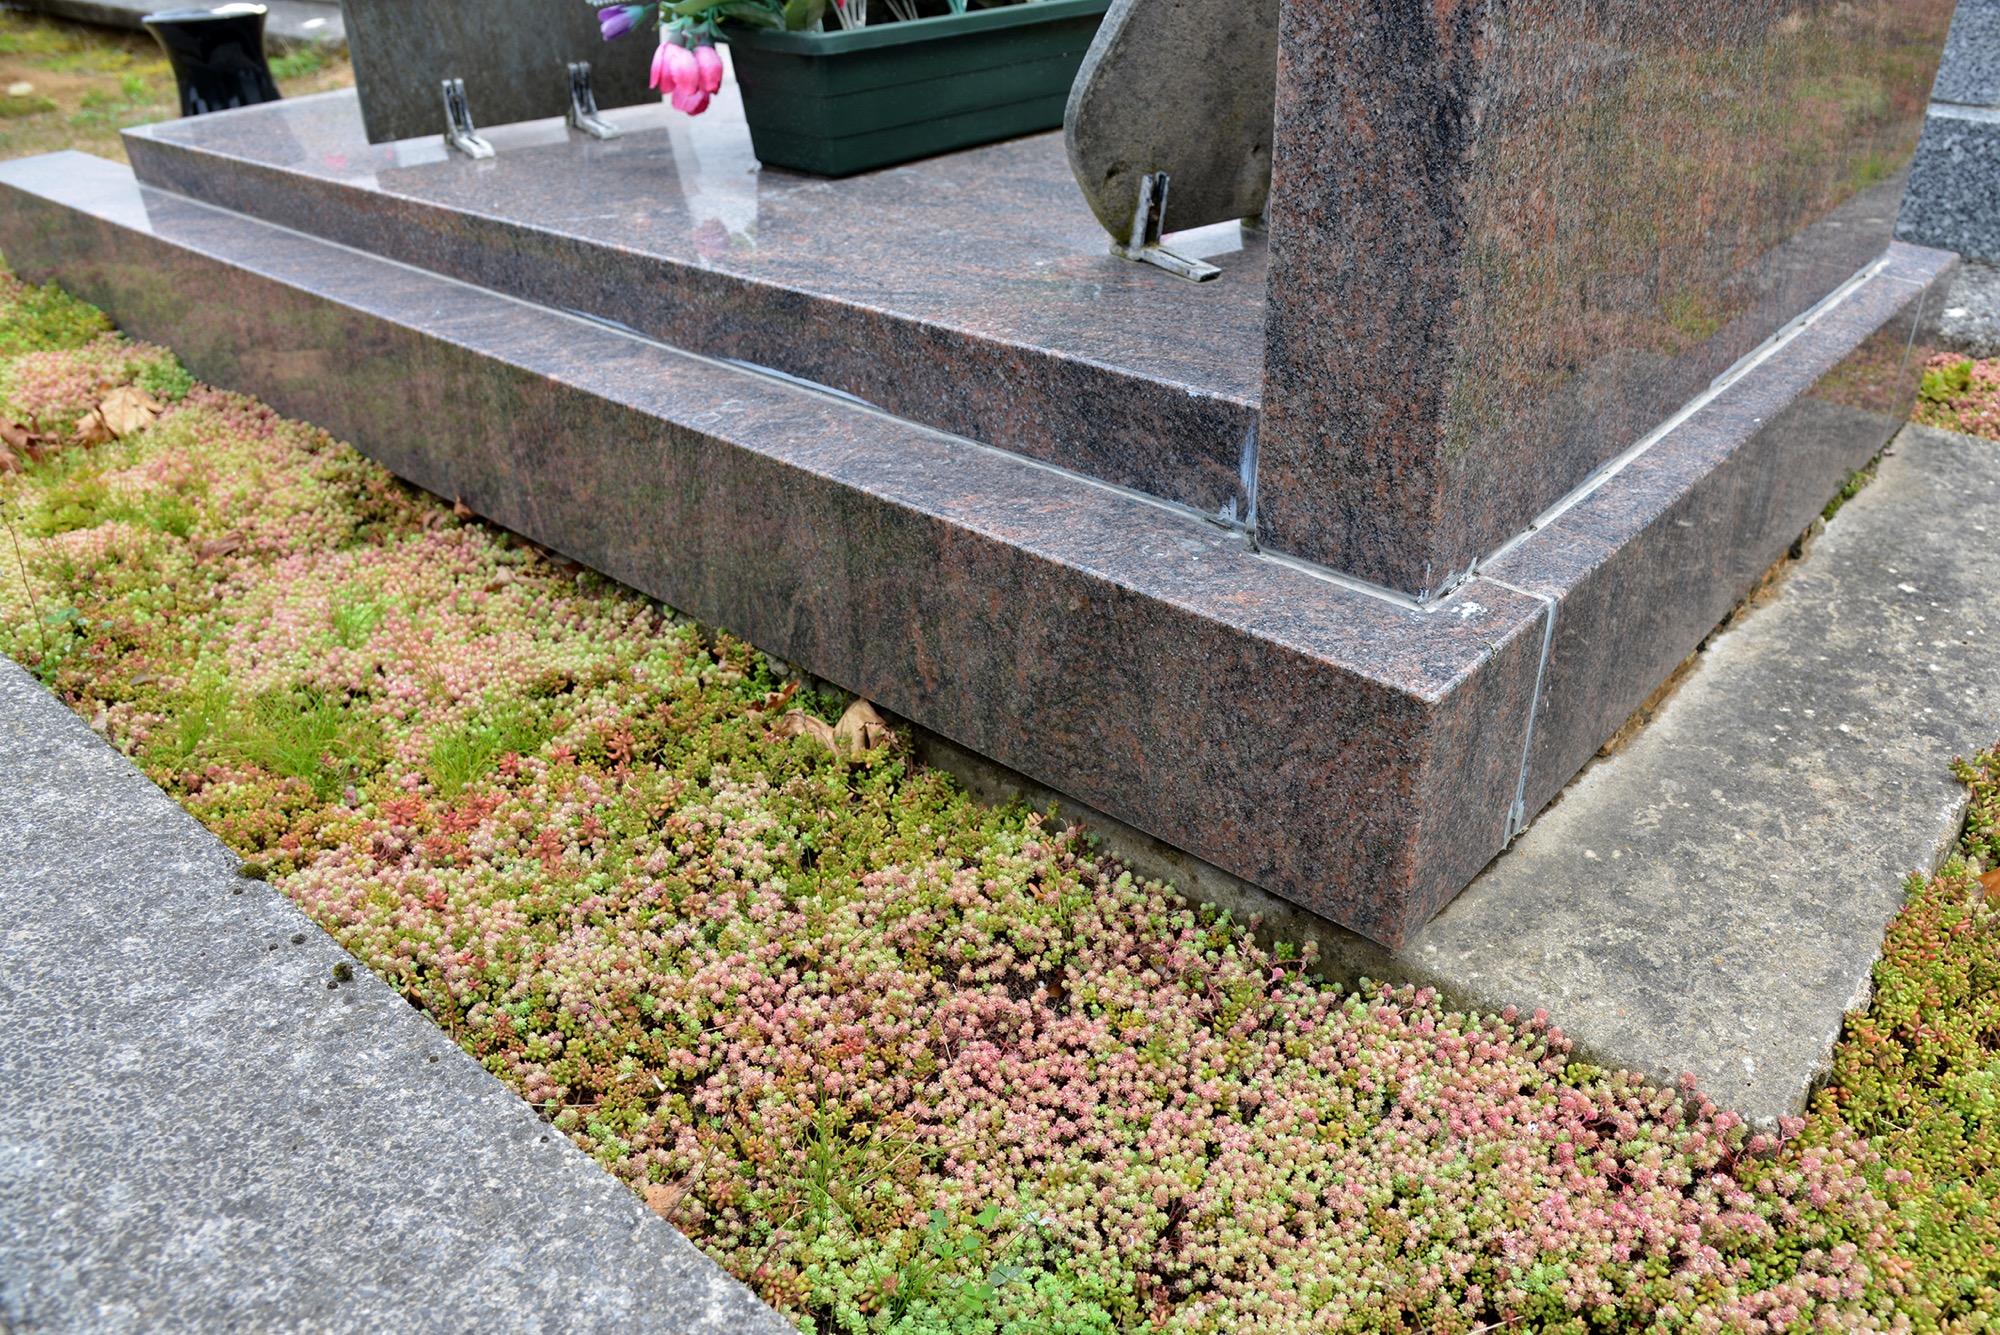 Allée végétalisée près d'une tombe (©Ville de Saint-Nazaire)